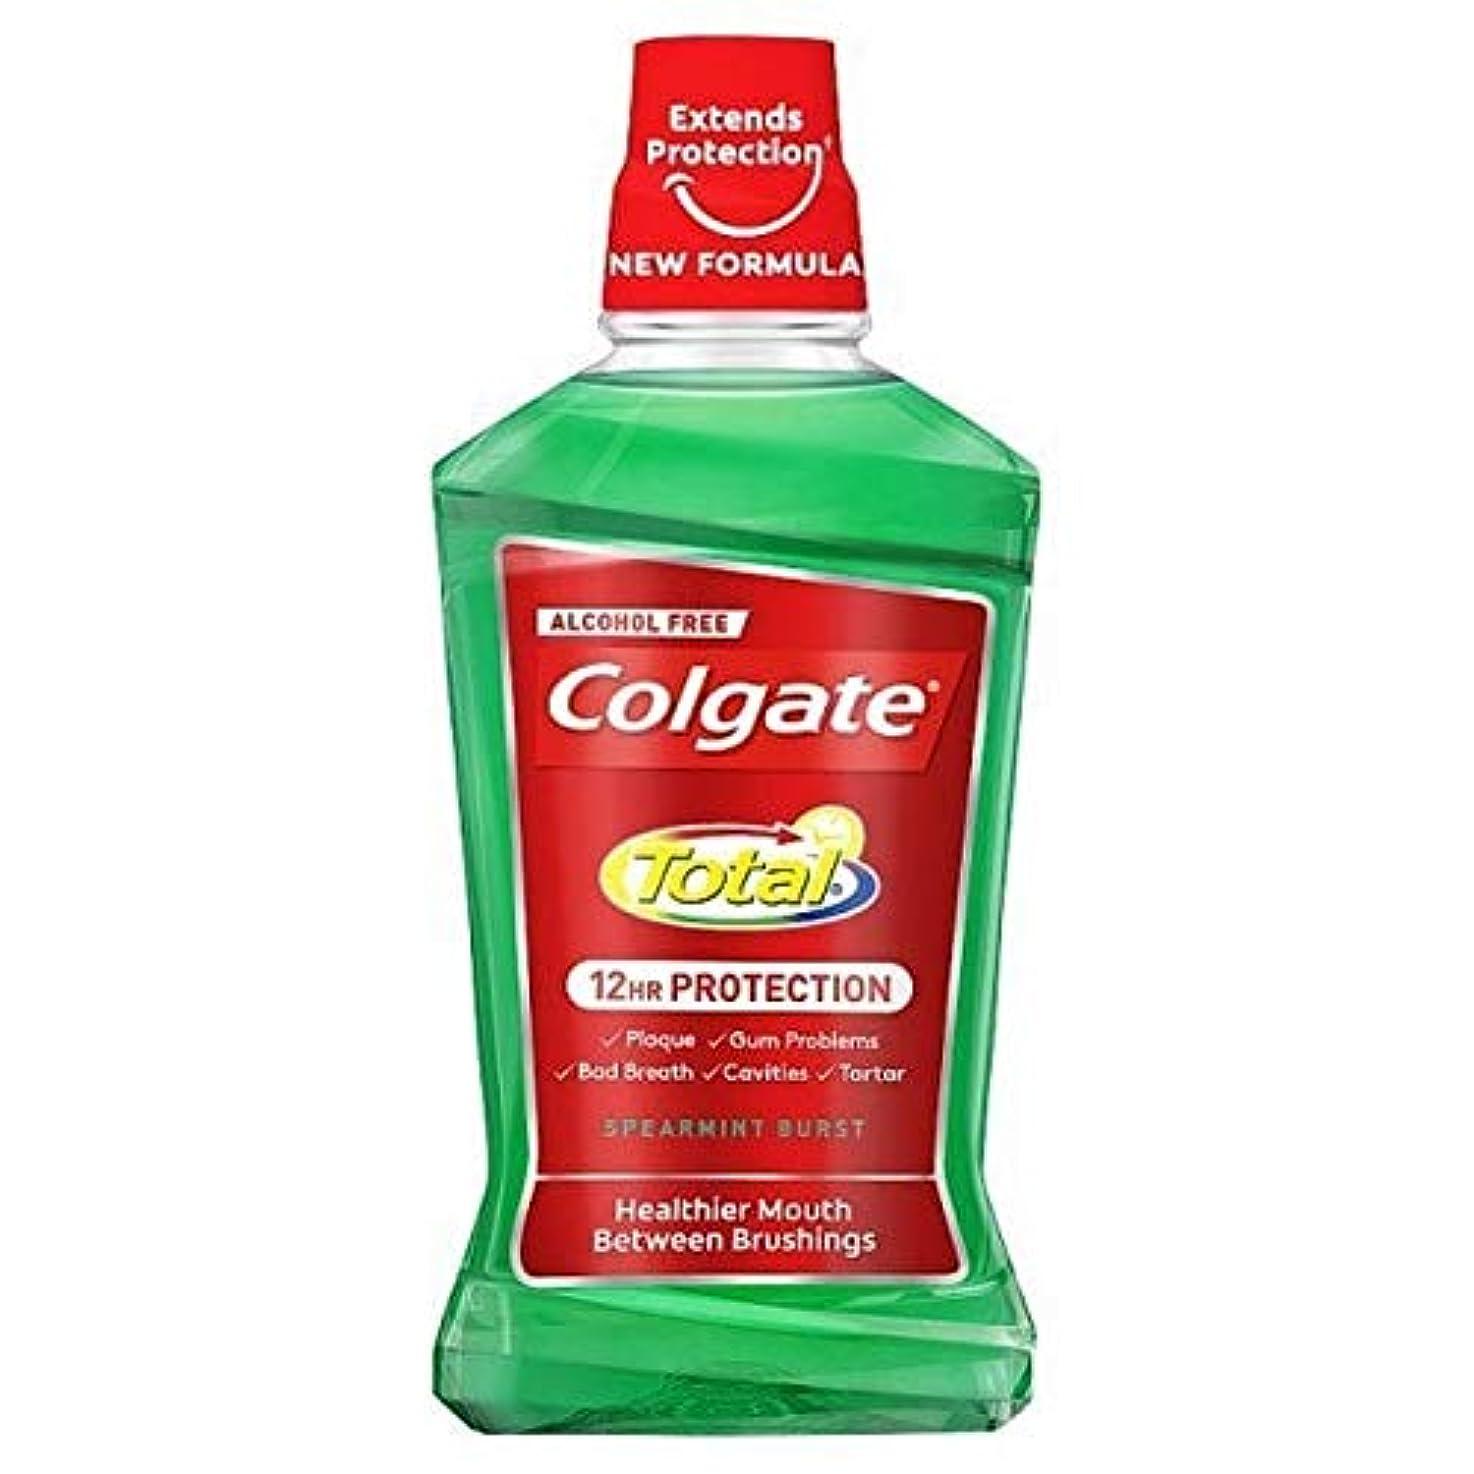 植物学支配的マット[Colgate ] コルゲートトータルスペアミントバーストマウスウォッシュ500ミリリットル - Colgate Total Spearmint Burst Mouthwash 500ml [並行輸入品]